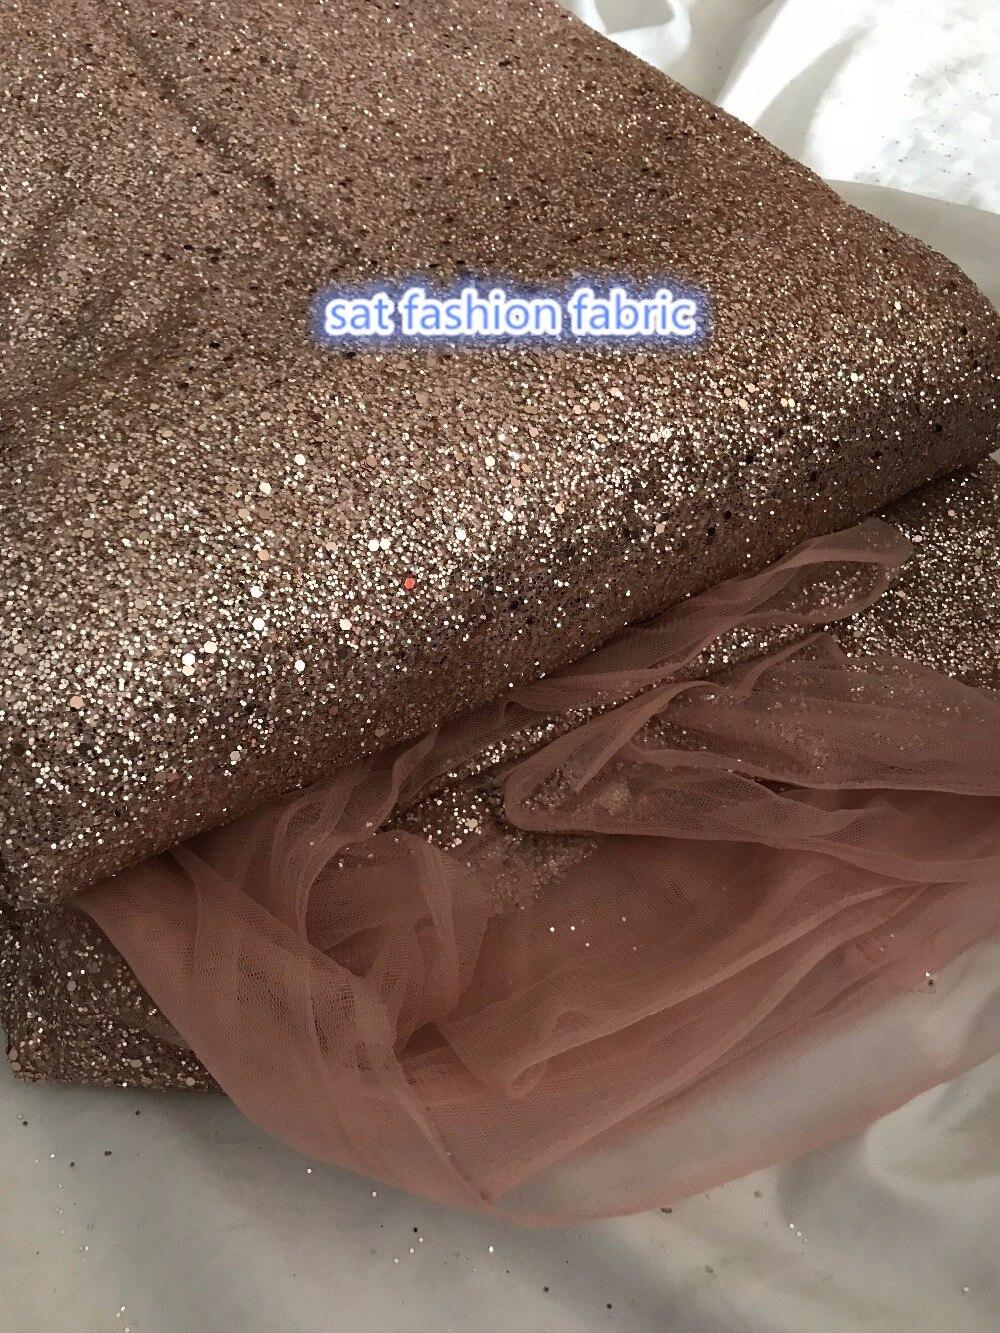 Rosa dorado satinado 666 1 estampado de brillo tul africano indio tela de encaje 5 yardas para Niza vestido-in encaje from Hogar y Mascotas    1